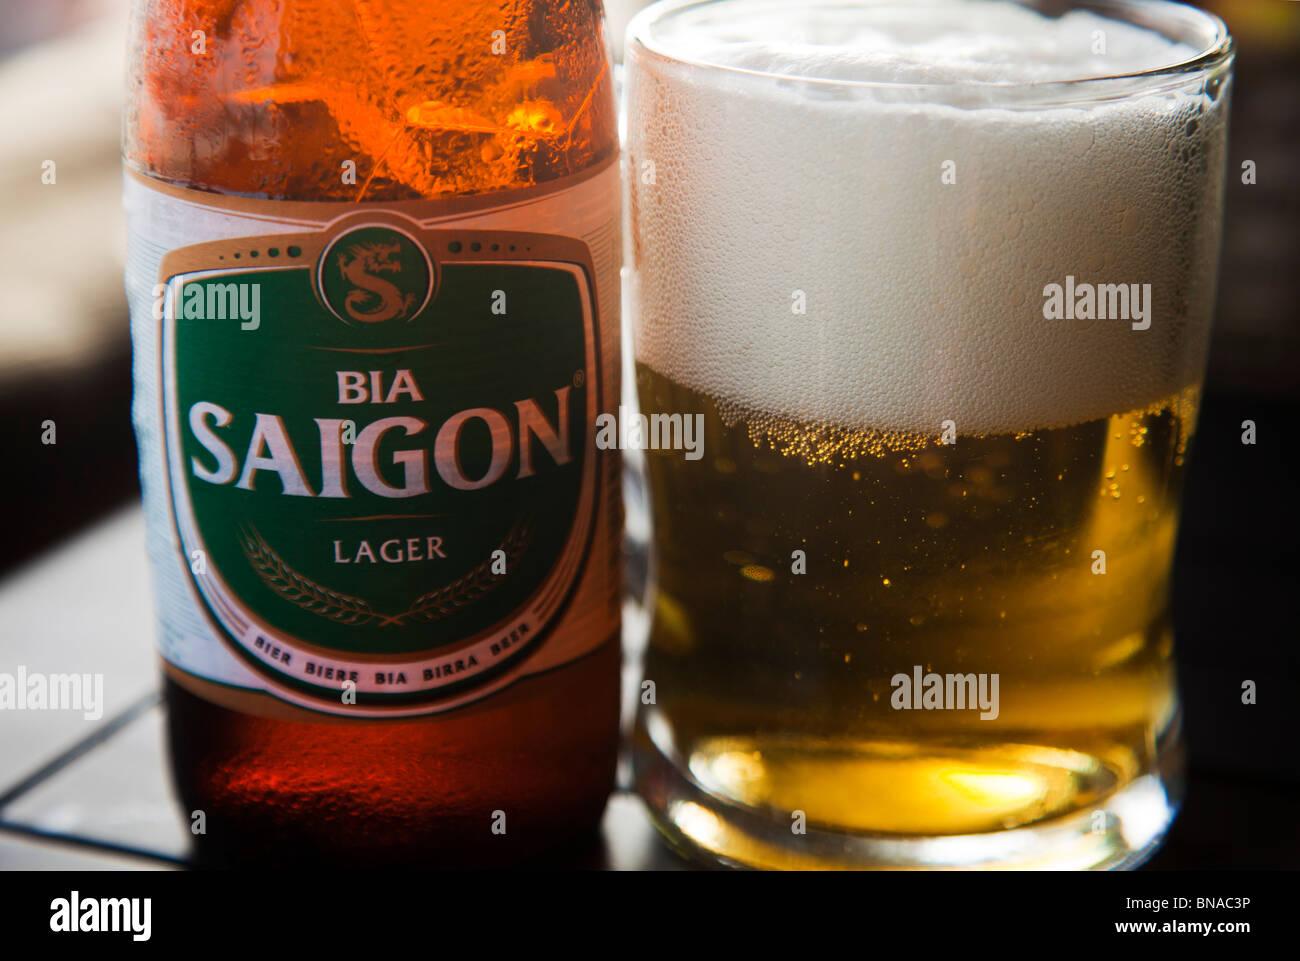 Vietnamesische Bier Sagon Green Label mit Flasche und Glas Stockbild